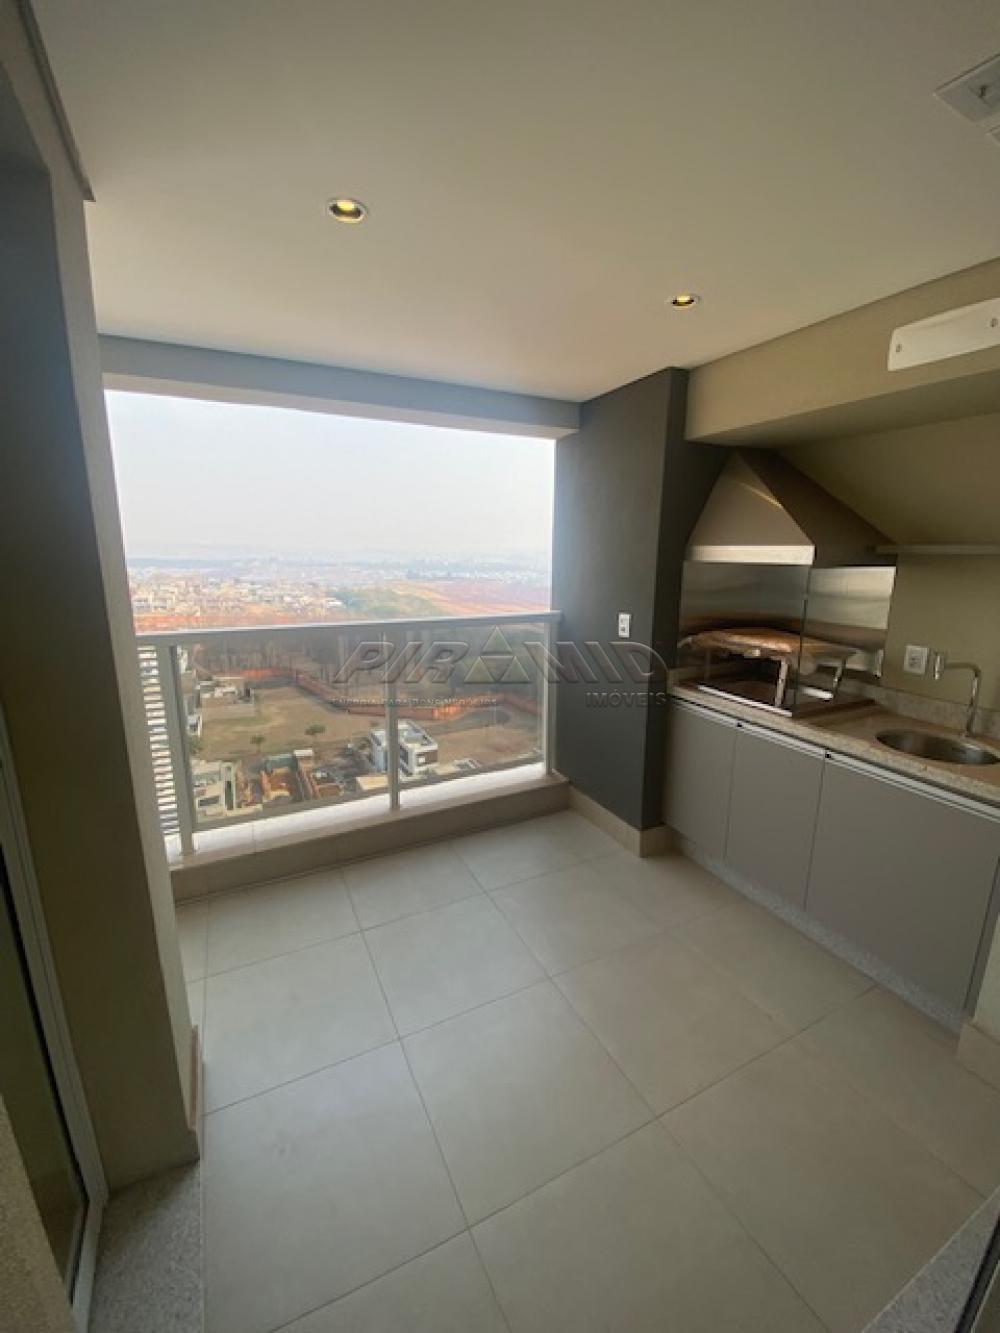 Alugar Apartamento / Padrão em Ribeirão Preto R$ 2.990,00 - Foto 5